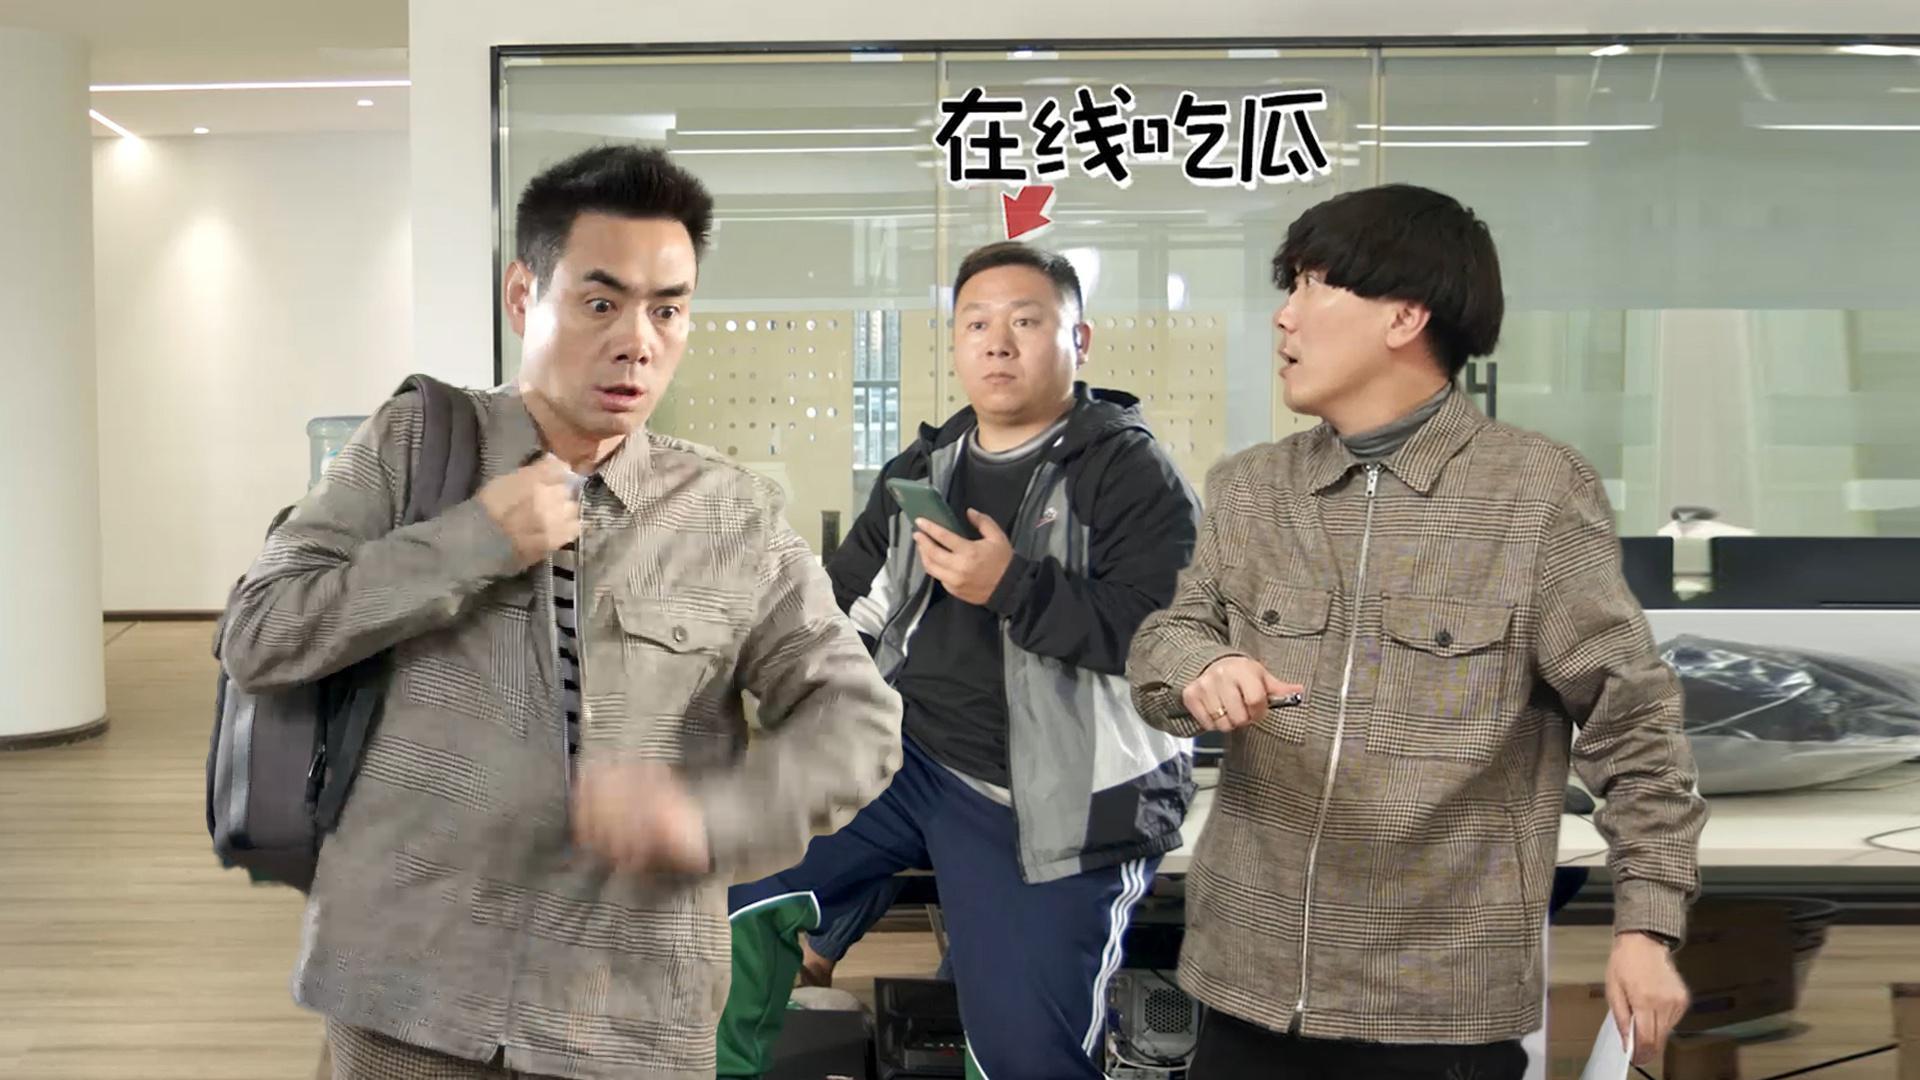 陈翔六点半:上班第一天,就非要这么尴尬吗?